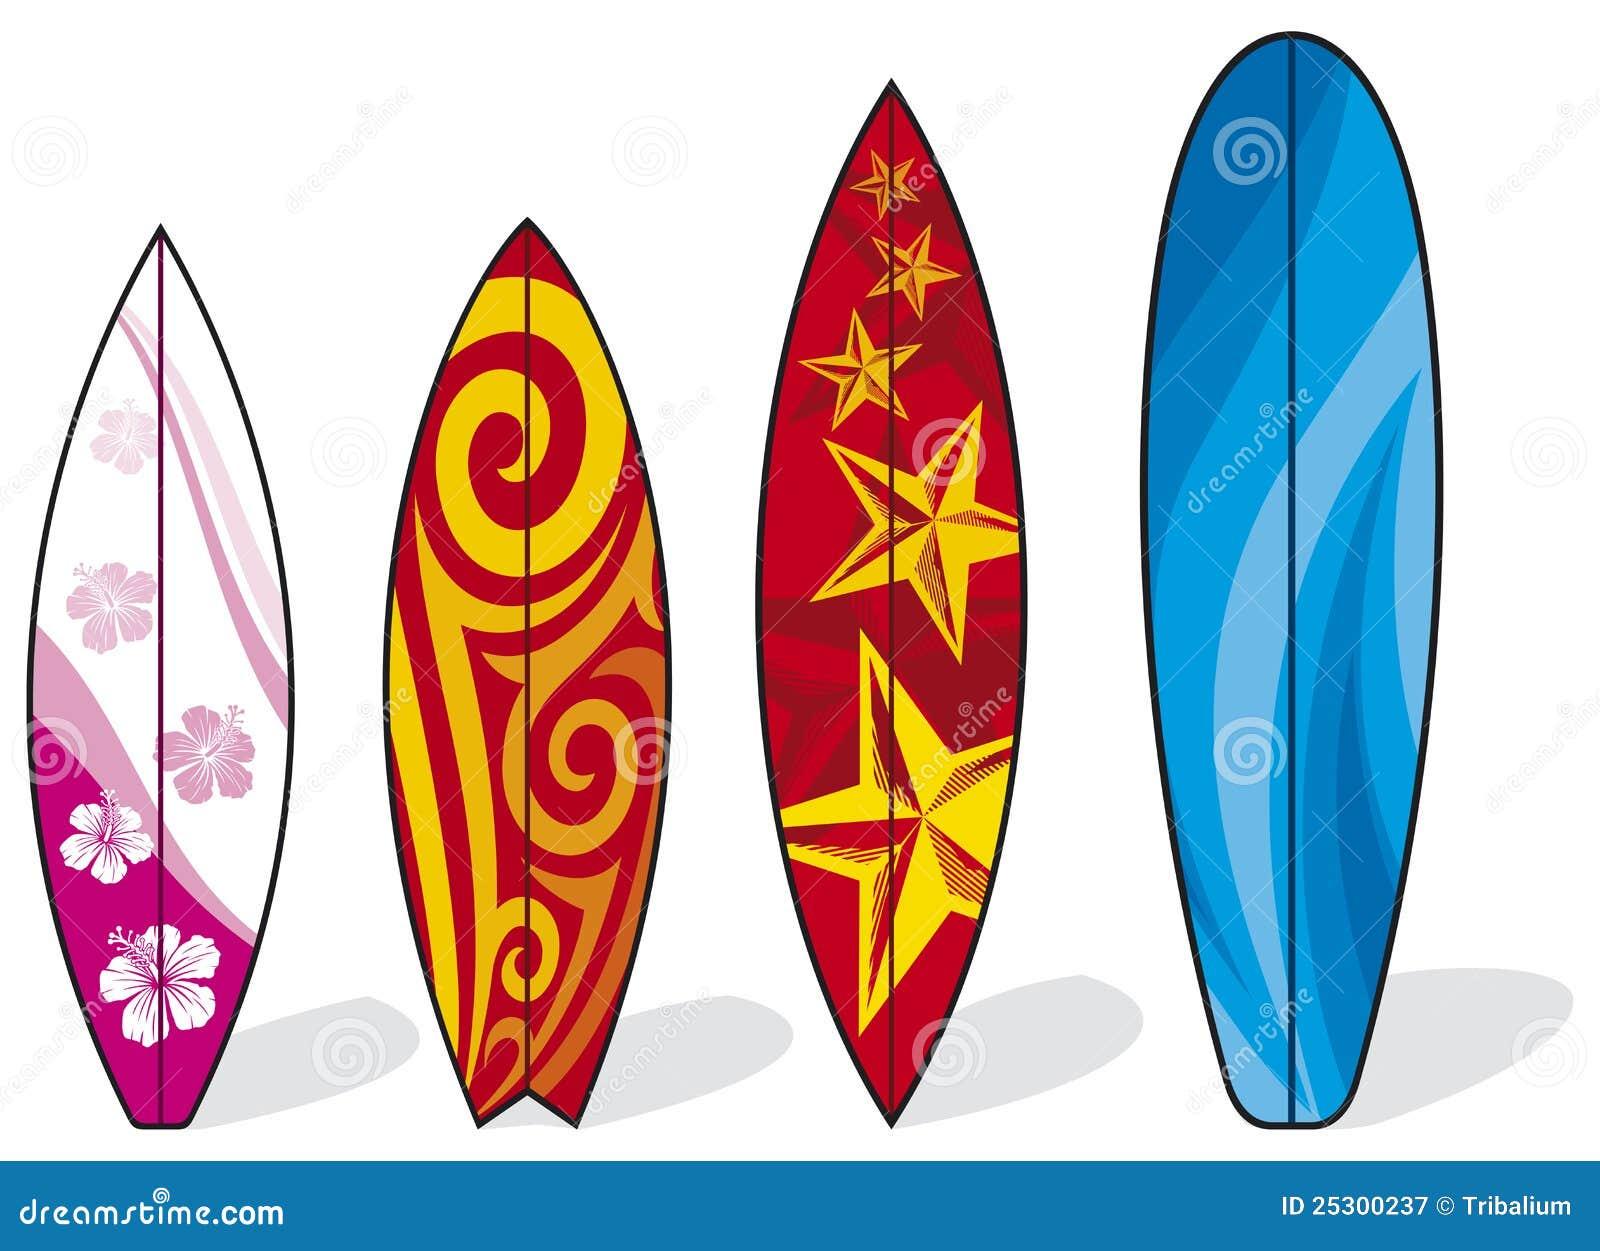 Tablas hawaianas ilustraci n del vector ilustraci n de - Fotos de tabla de surf ...